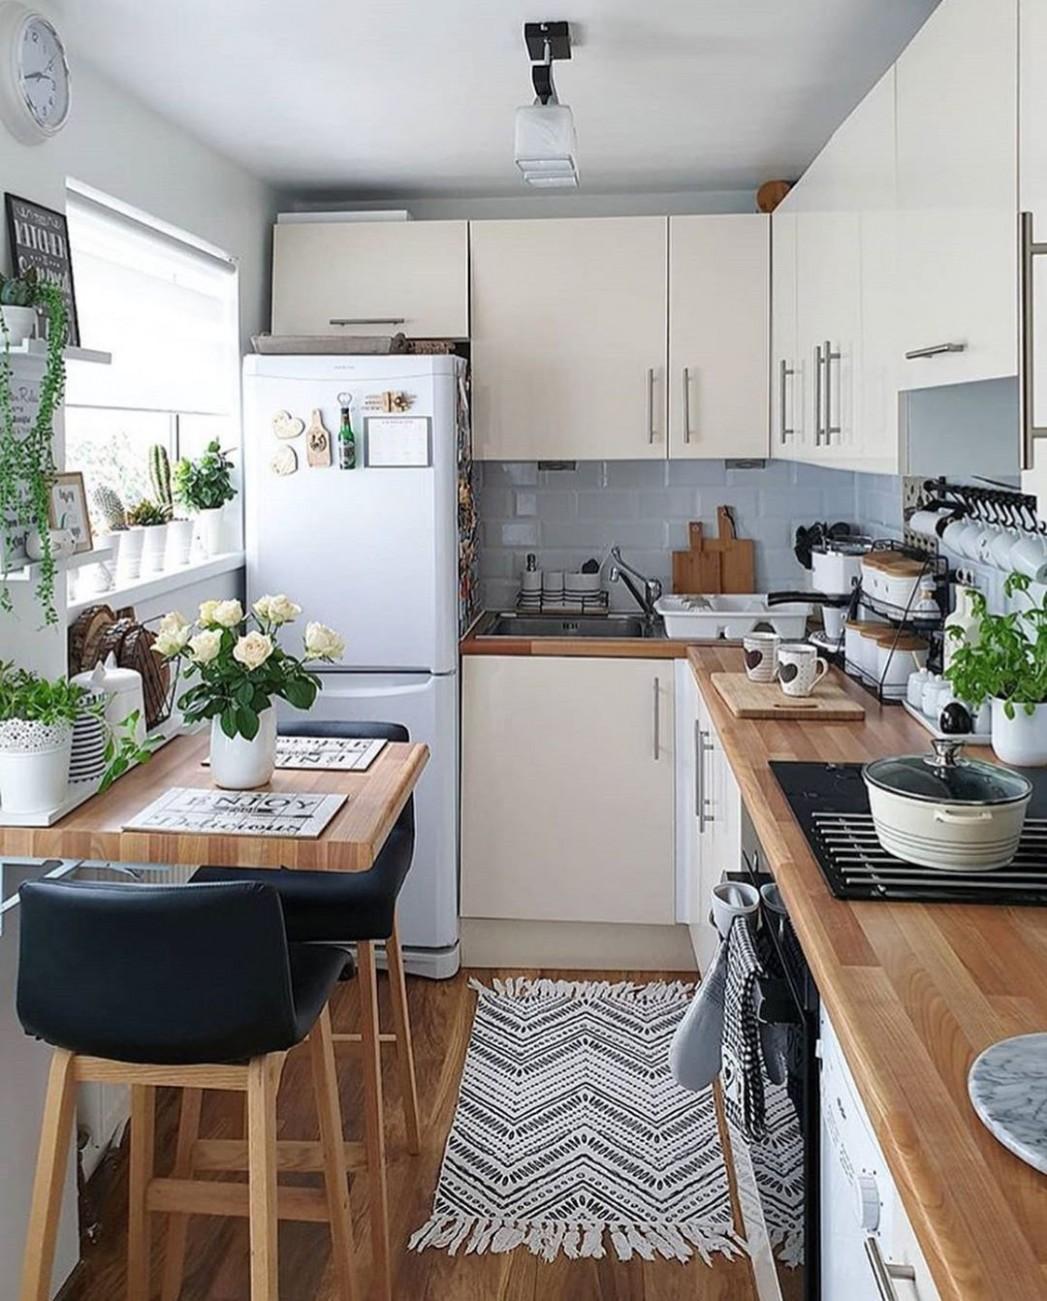 10 Creative Small Kitchen Design And Organization Ideas  Small  - Apartment Kitchen Design